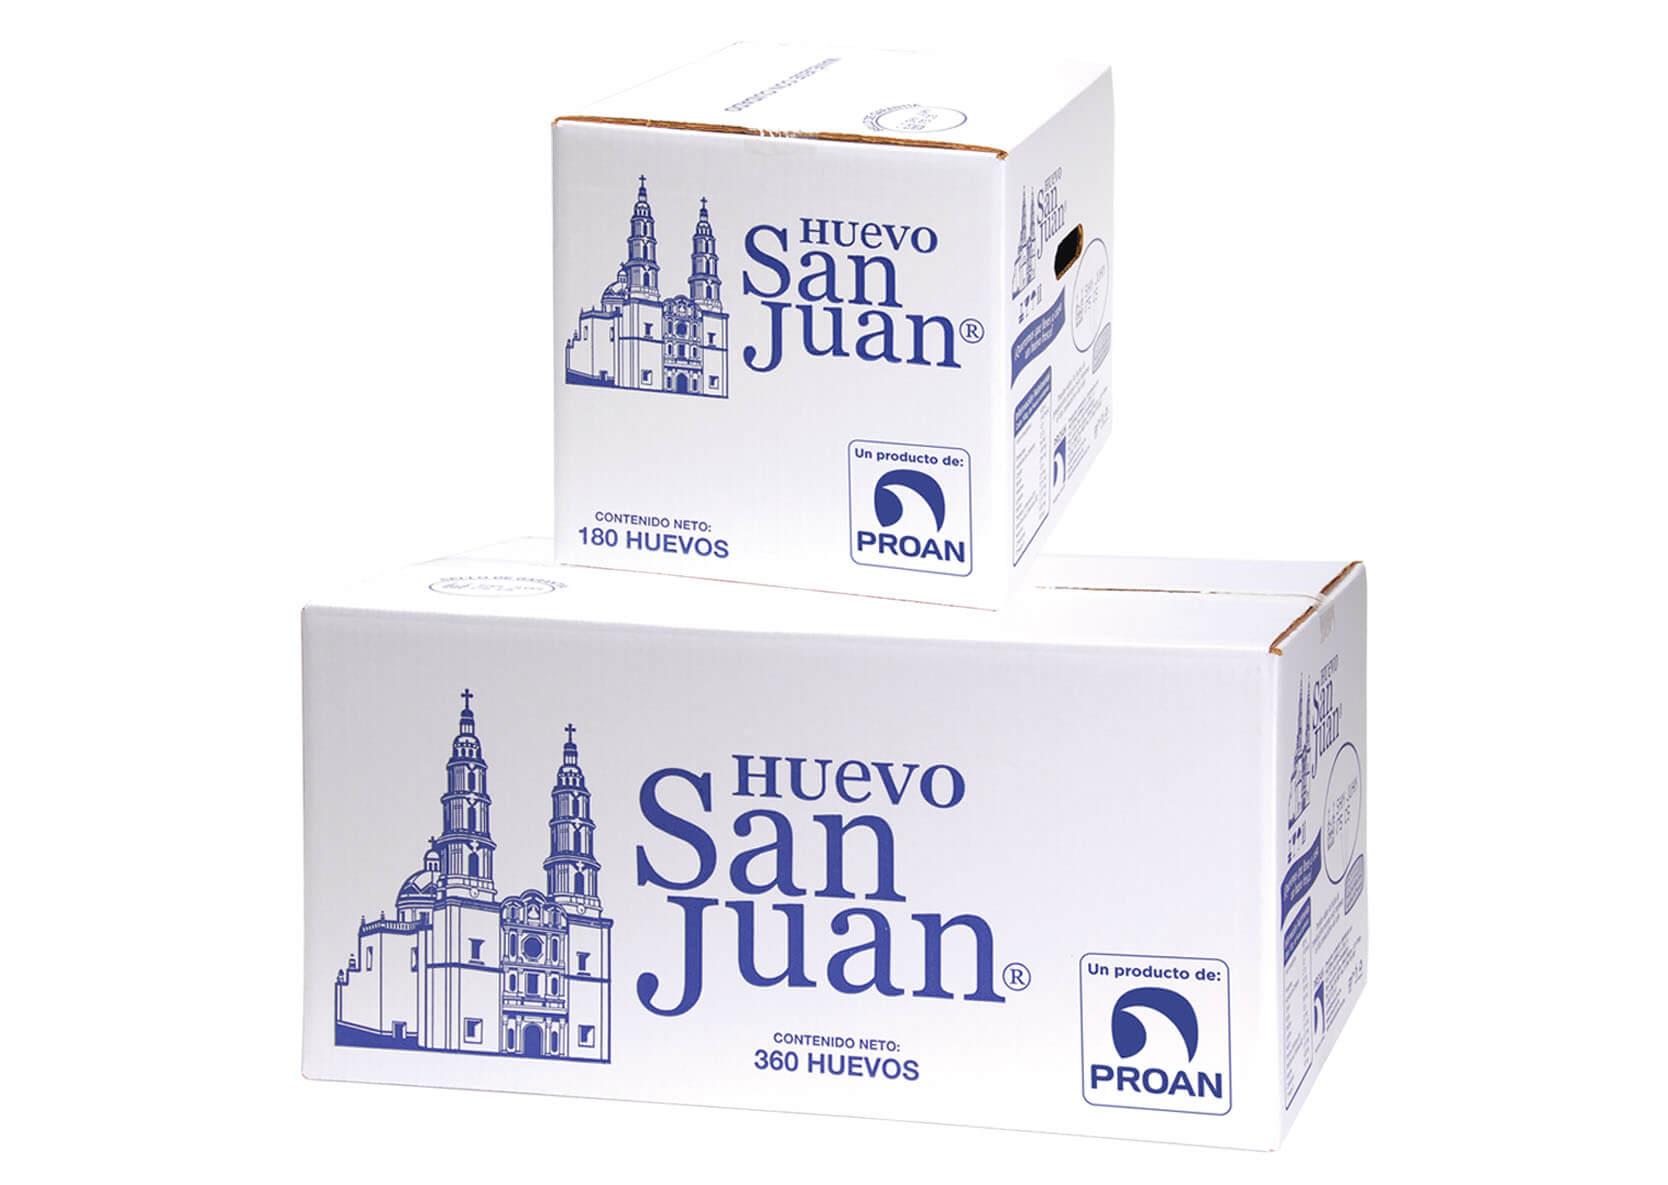 empaques Huevo San Juan